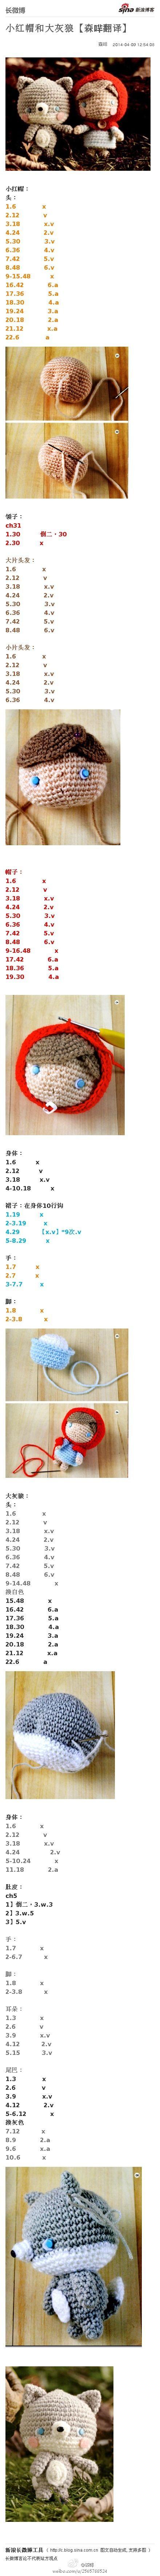 1来自hong_doris的图片分享-堆糖;